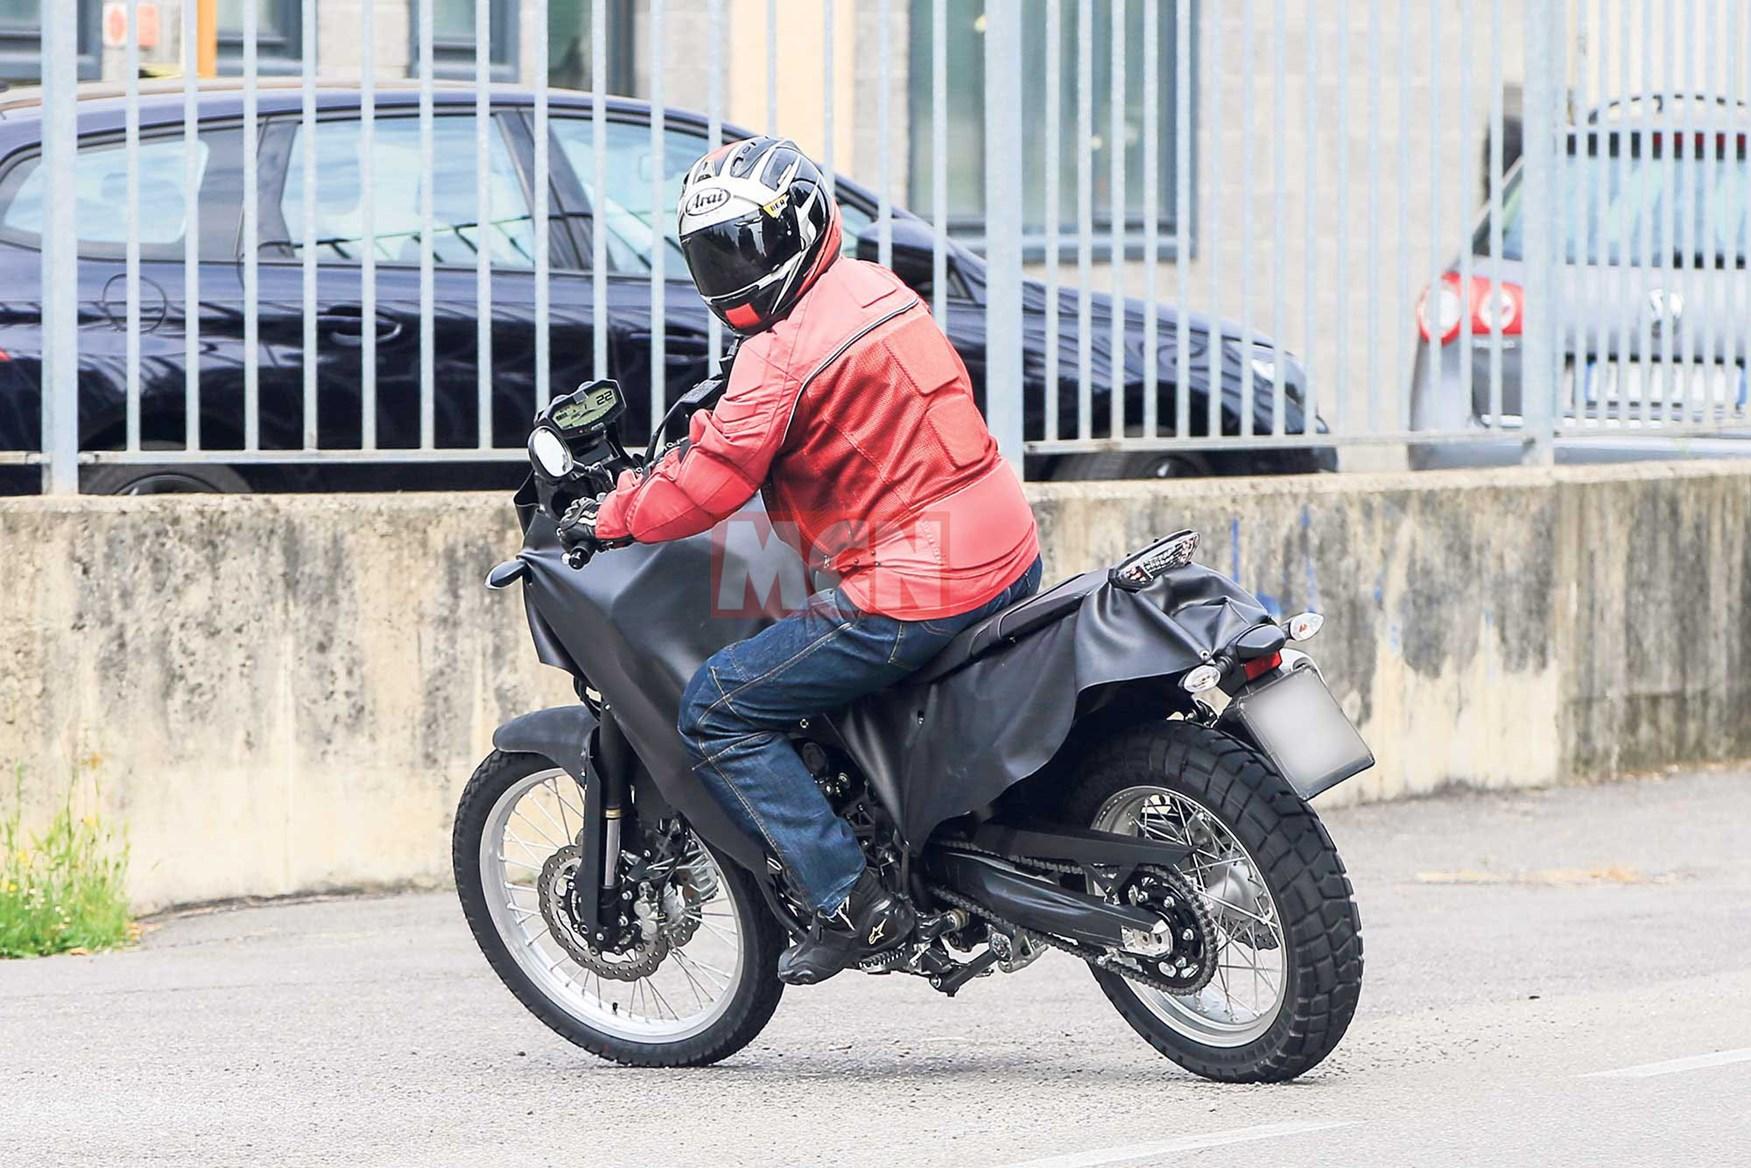 Κατασκοπευτικό - Yamaha MT-07 Adventure 2018 - Το concept T7 οδευει προς την παραγωγή